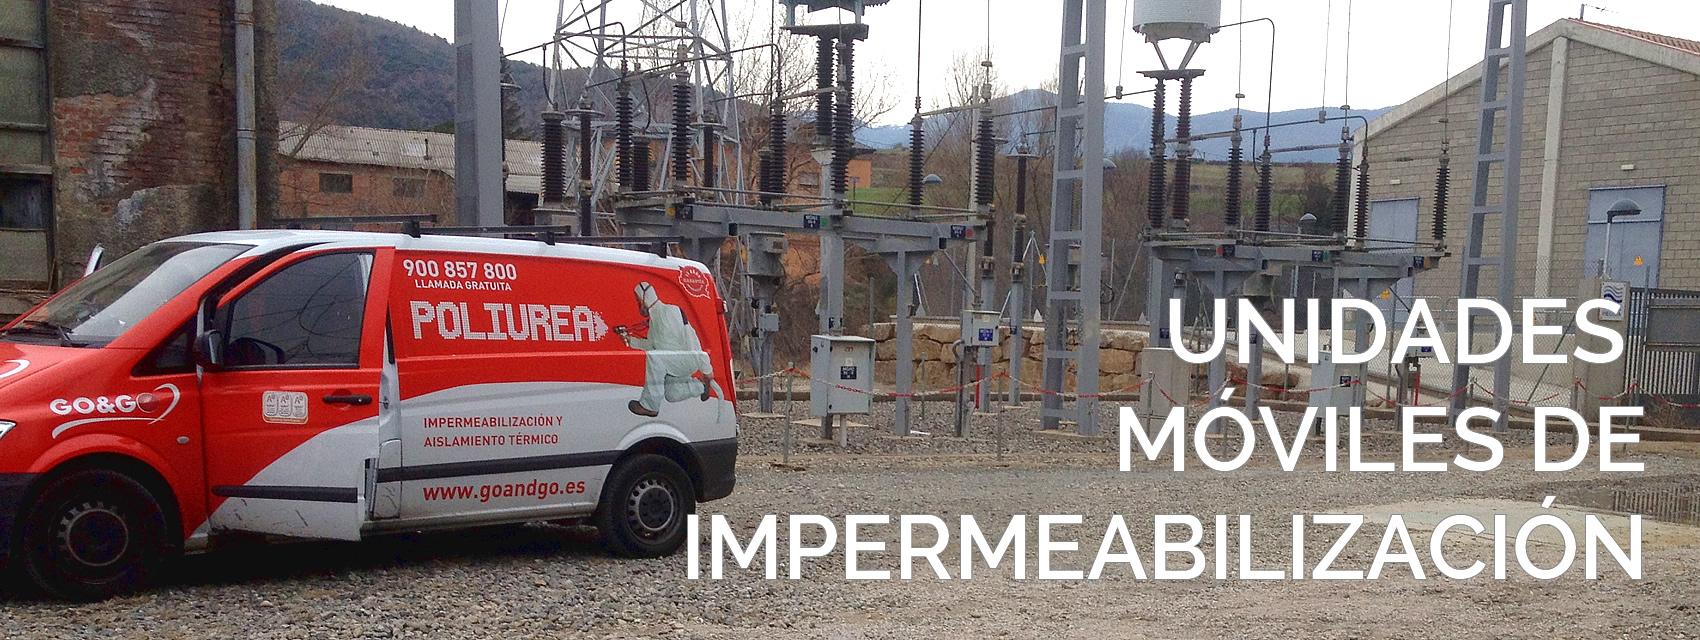 Unidad móvil de impermeabilización